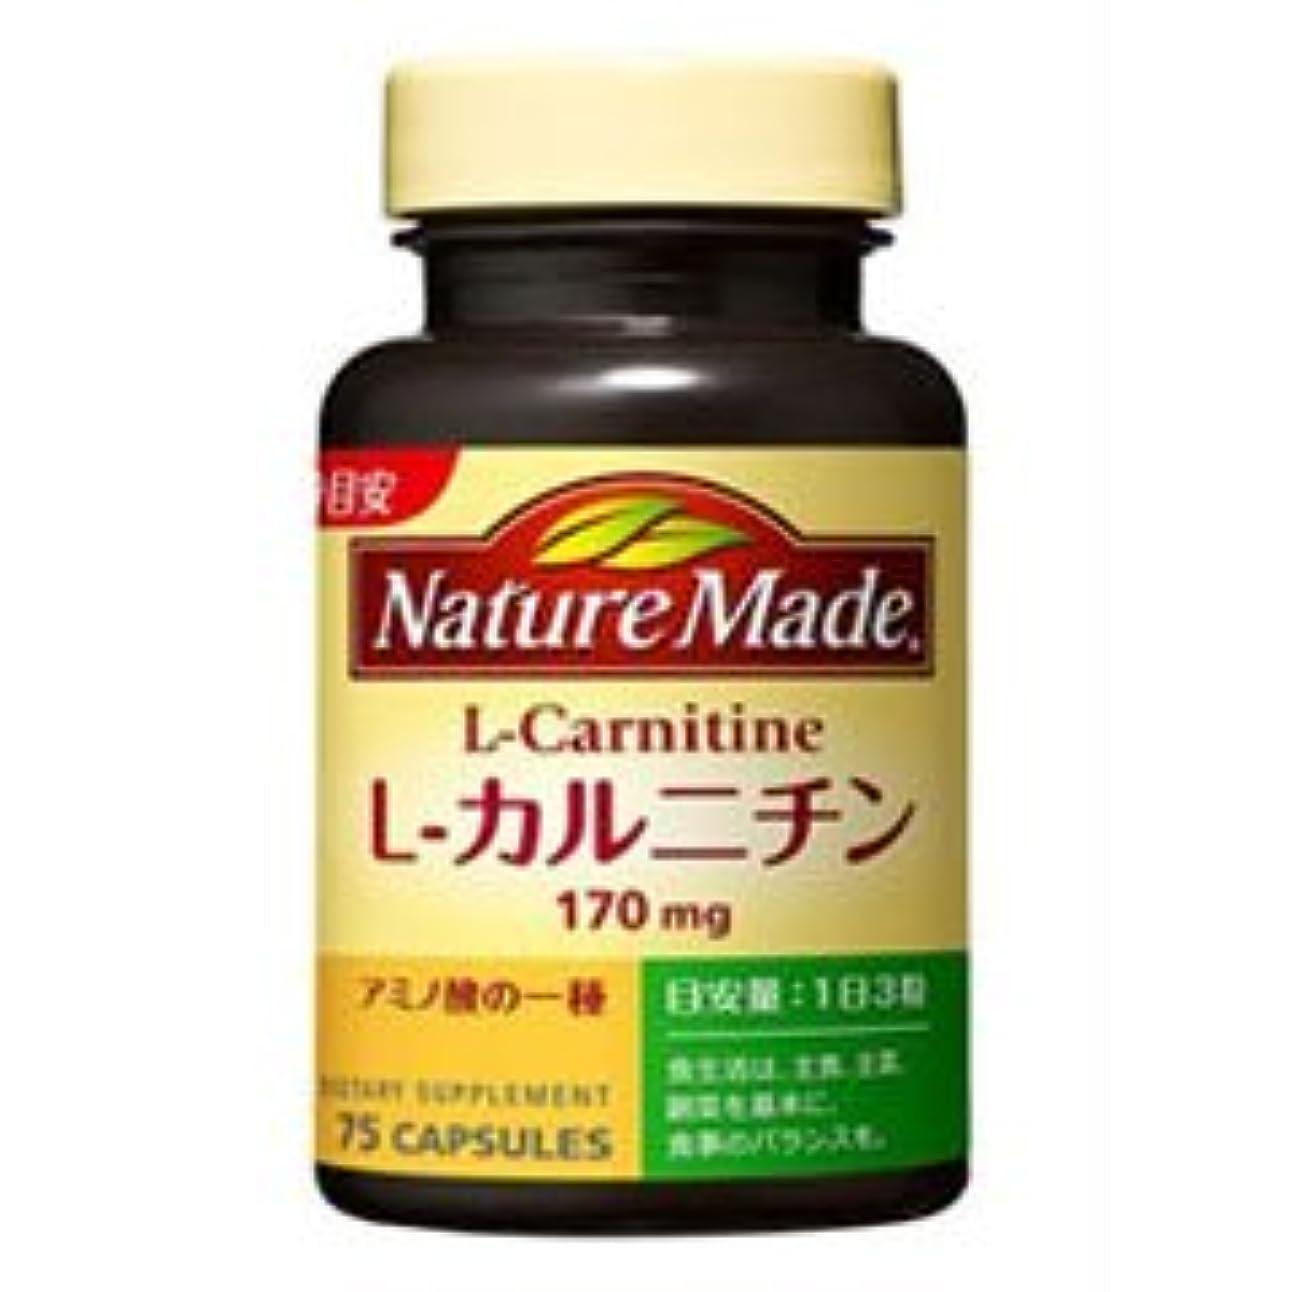 グリーンバック倉庫聞きます【大塚製薬】ネイチャーメイド L-カルニチン 75粒